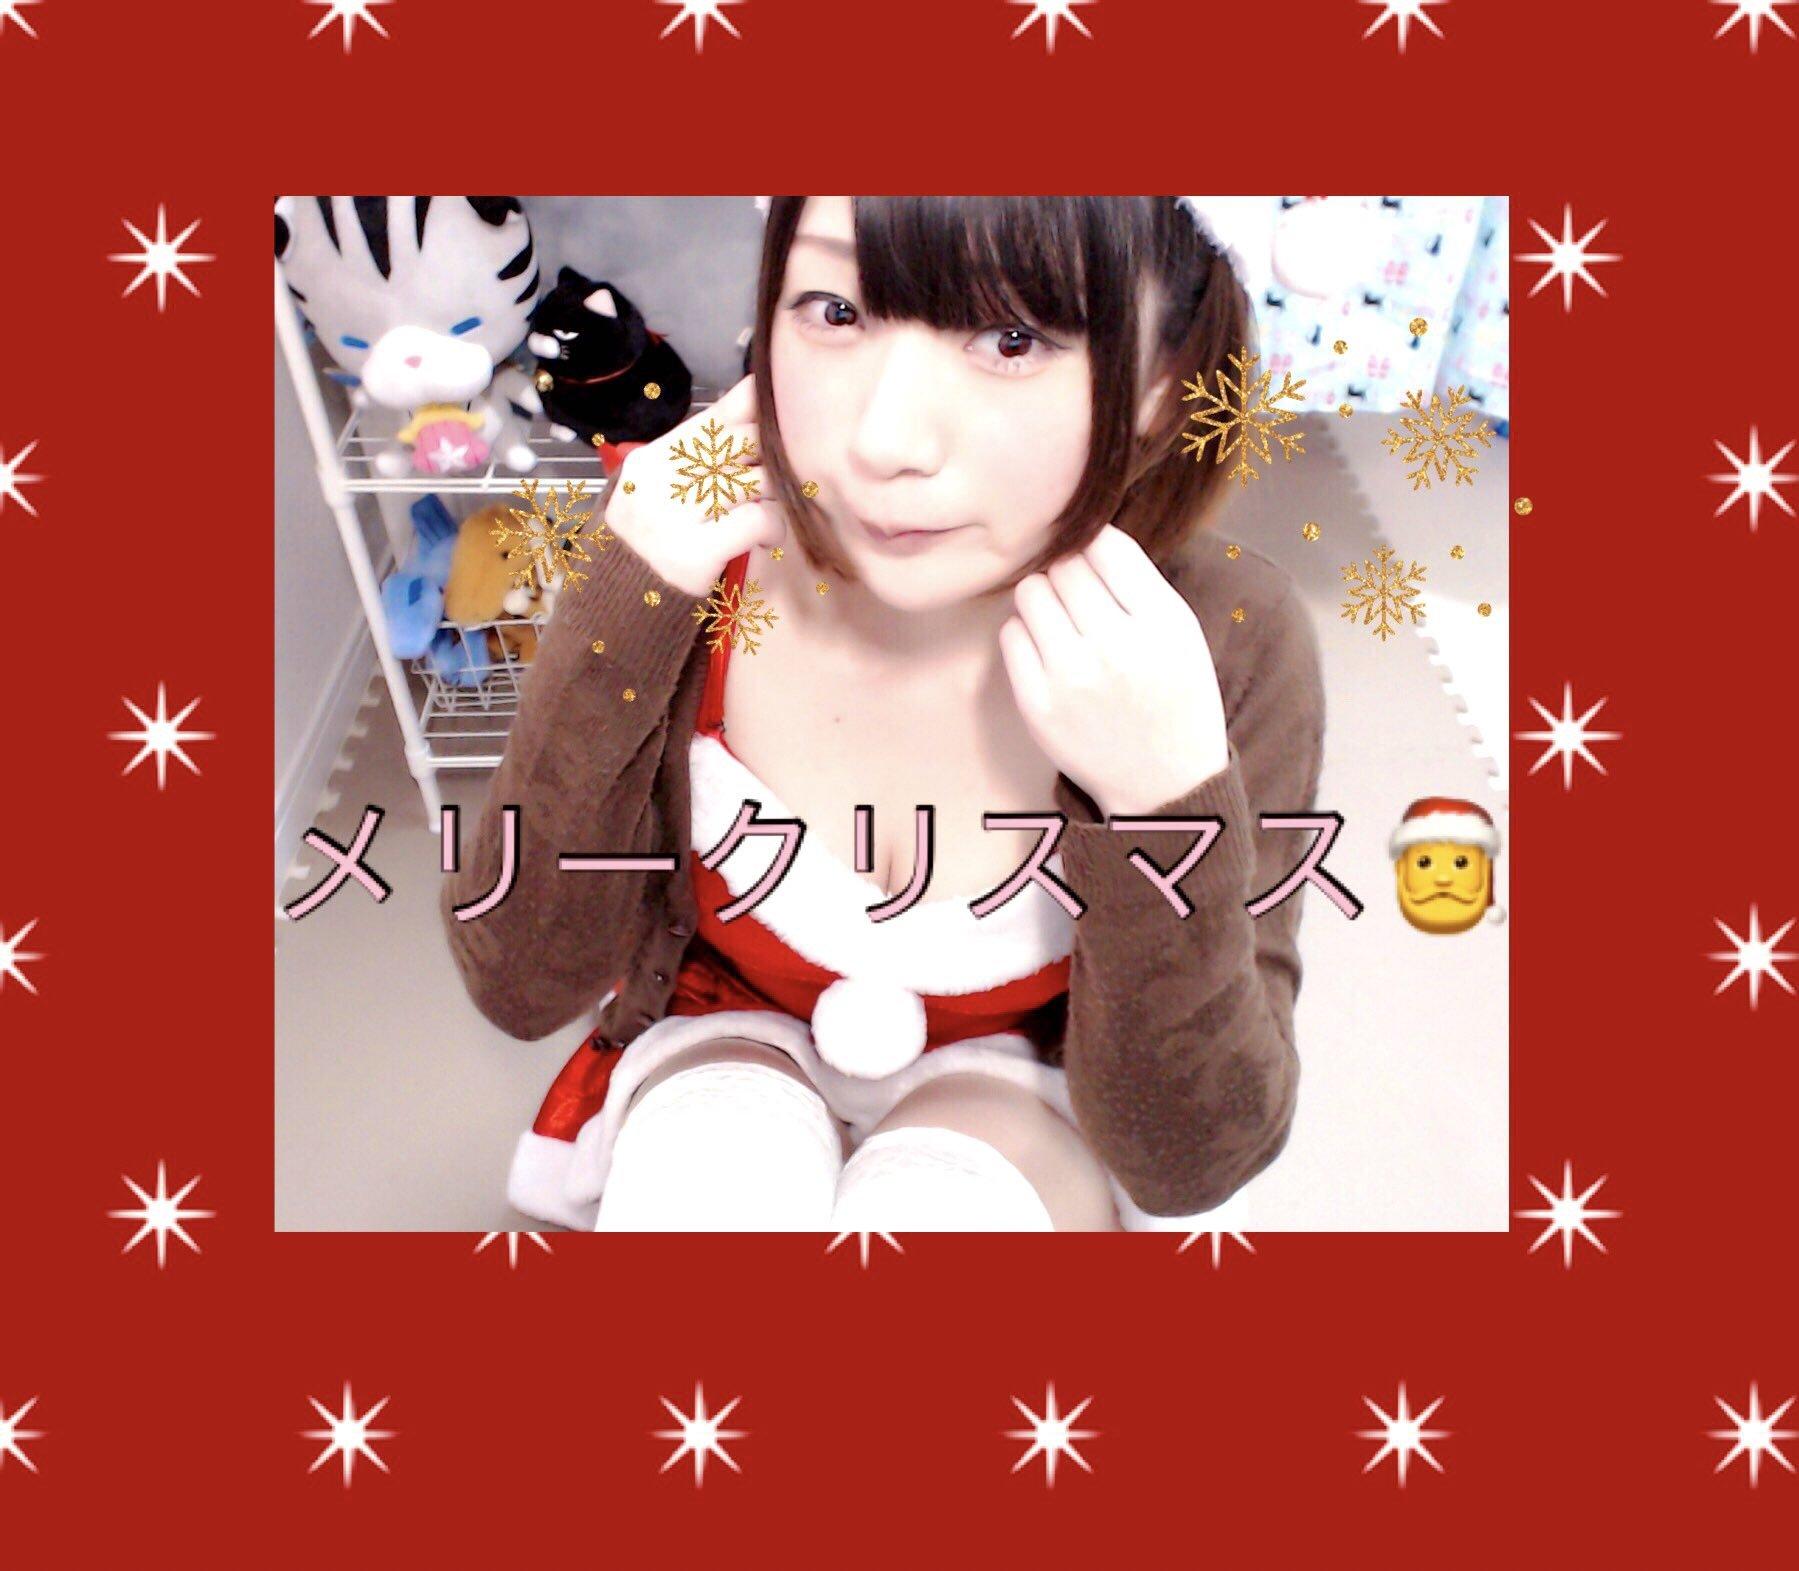 メリークリスマス★今年はトナカイみたいなサンタでした!